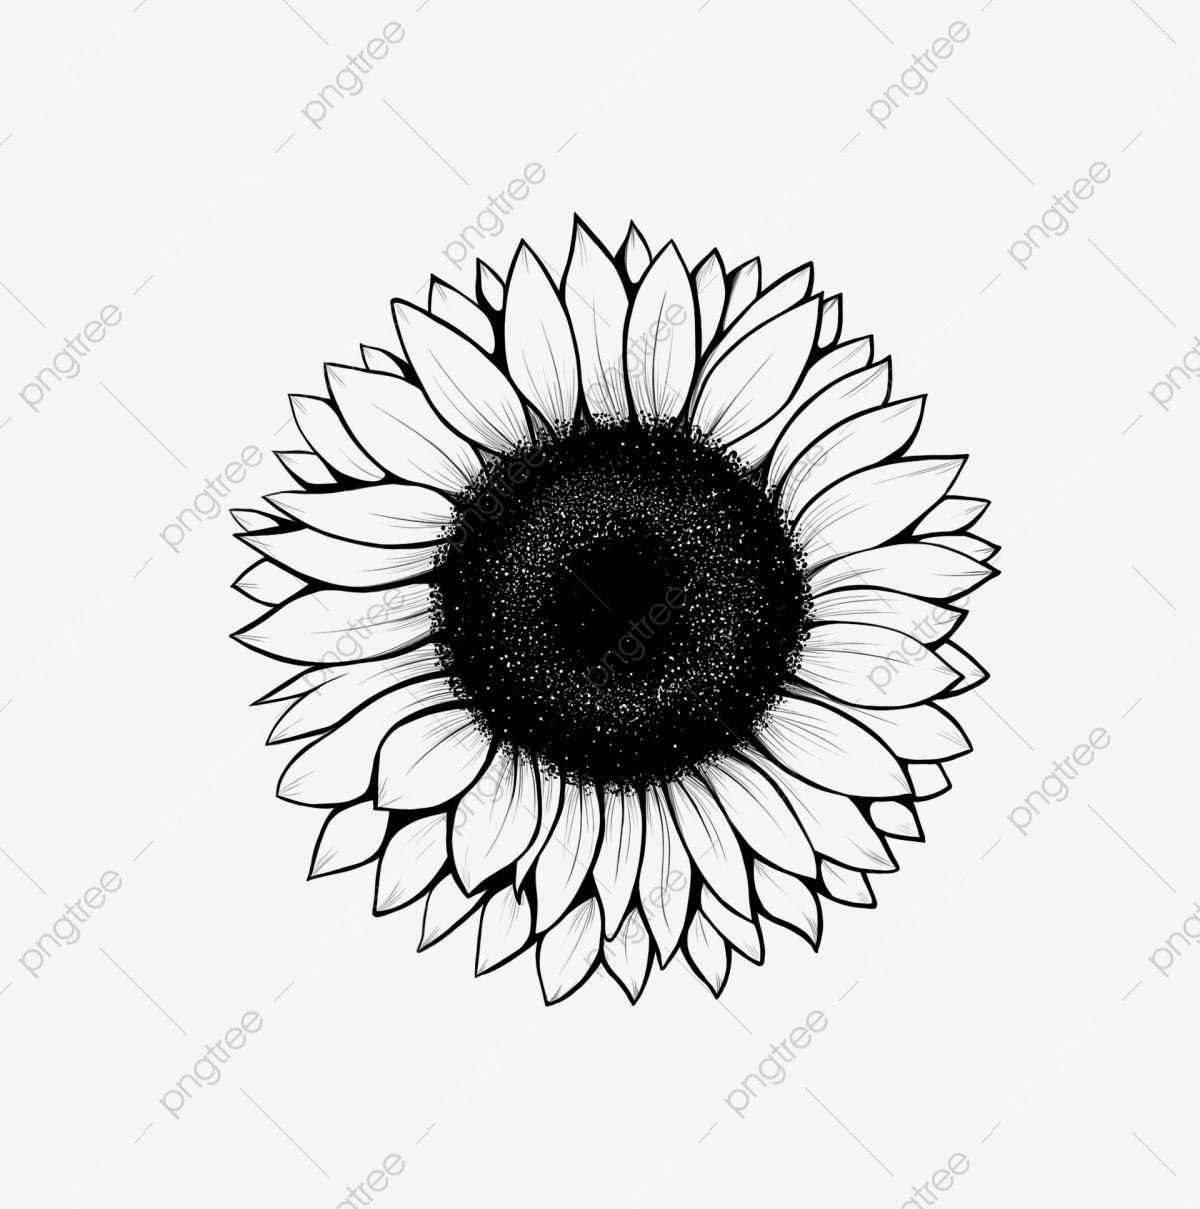 خط عباد الشمس الرسم دوار الشمس شمس زهرة Png وملف Psd للتحميل مجانا Ilustracao De Girassol Tatuagens De Girassol Desenho Do Girassol